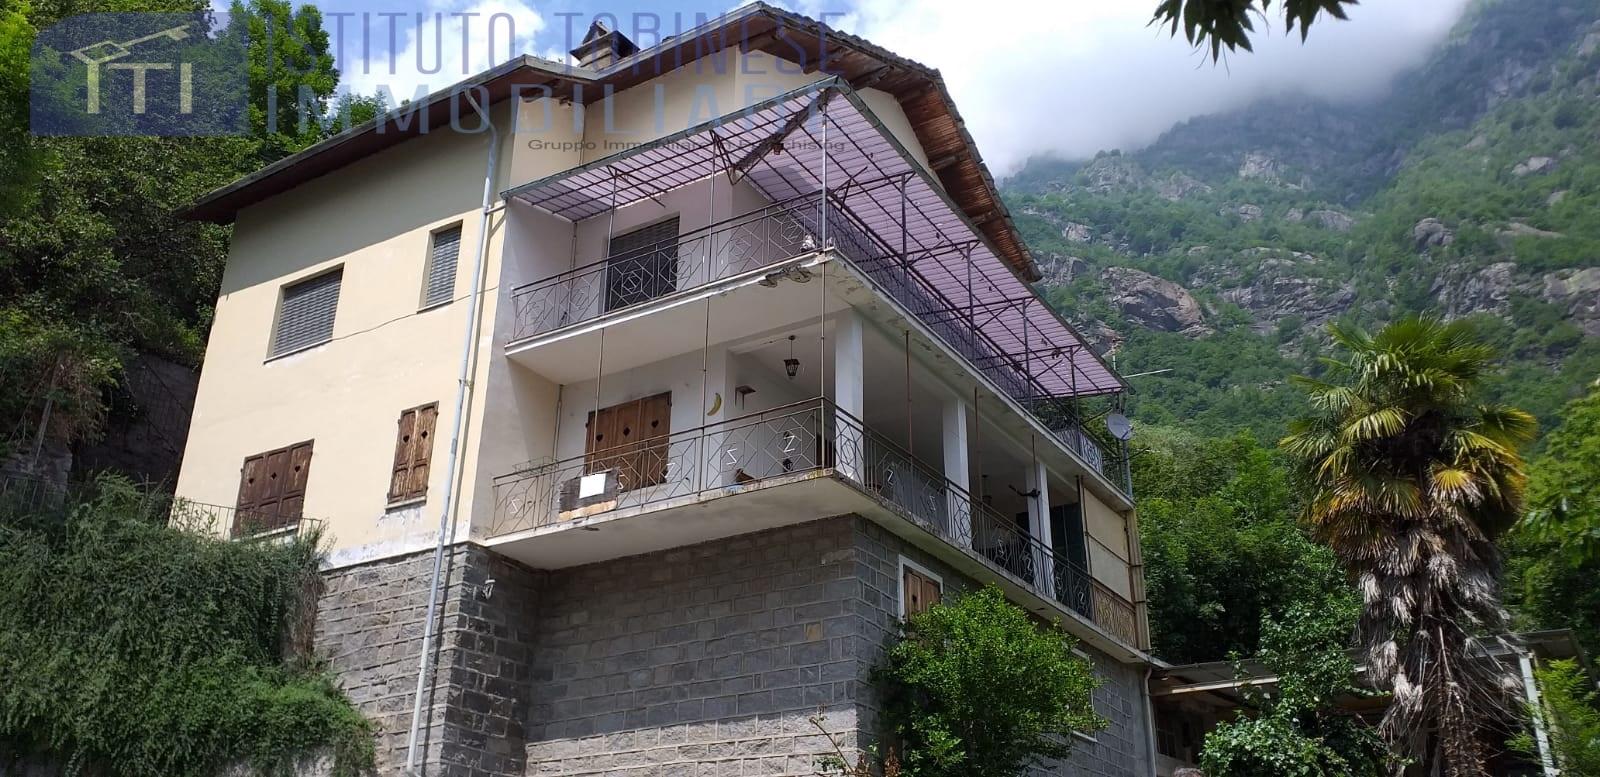 Appartamento in vendita a Locana, 8 locali, prezzo € 49.000 | PortaleAgenzieImmobiliari.it